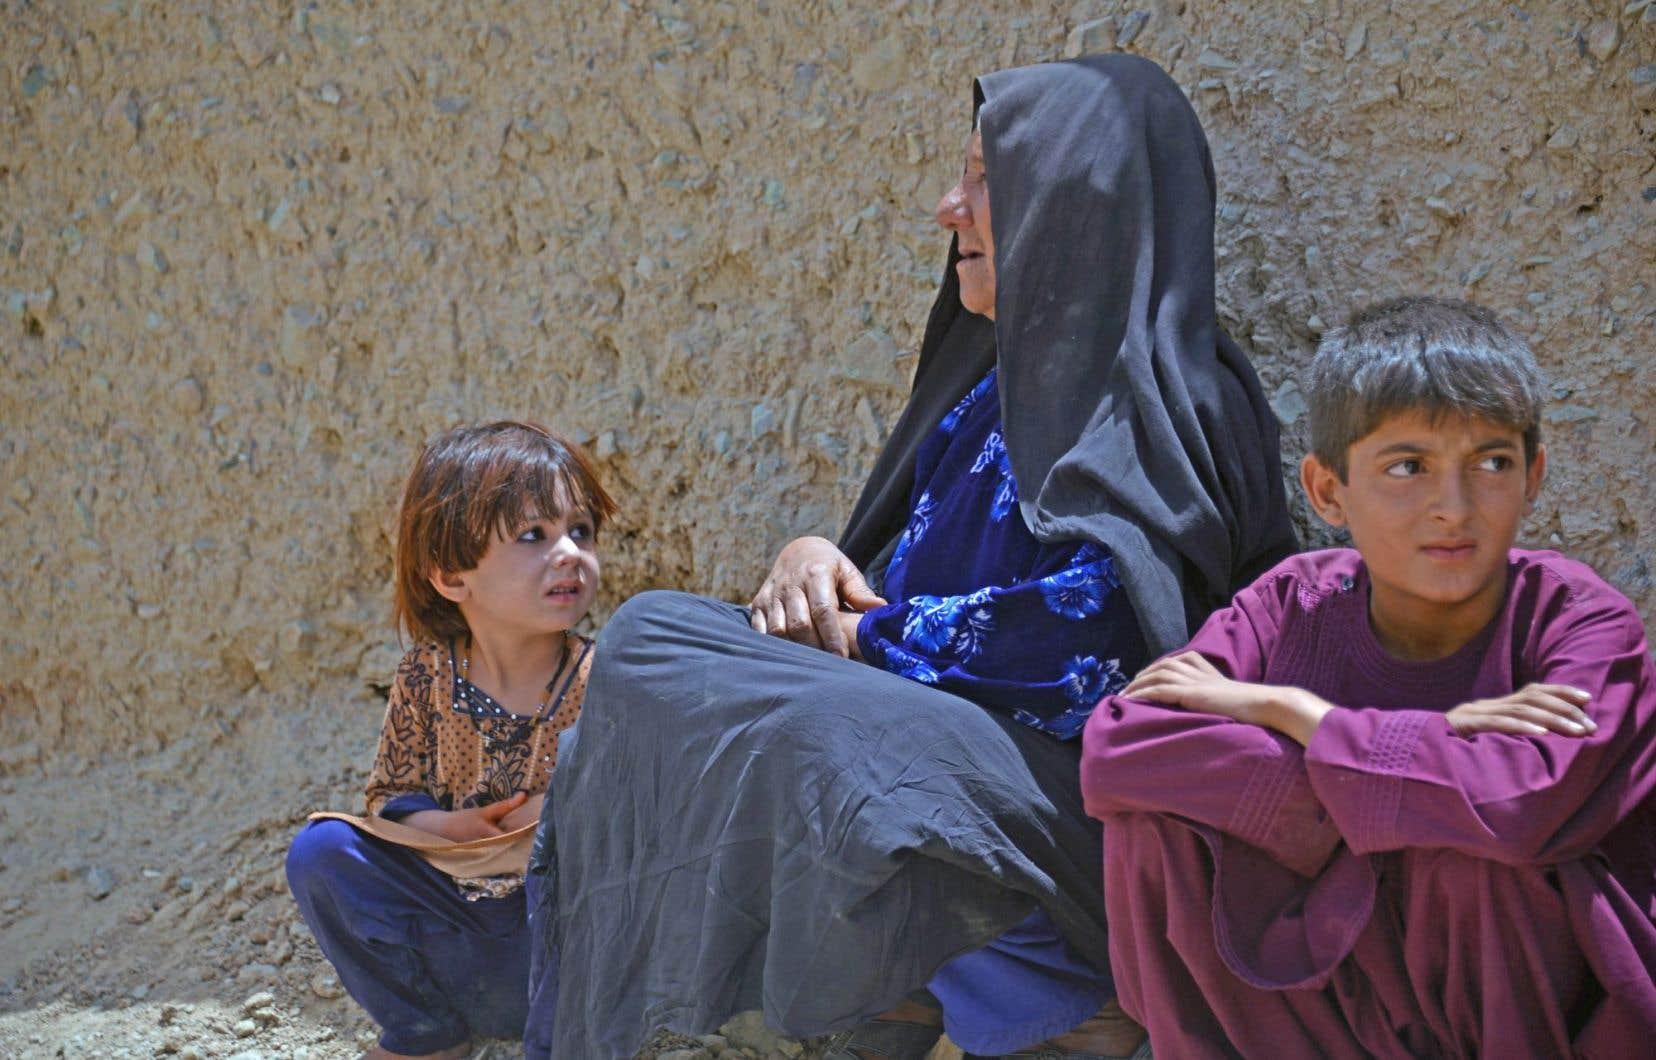 Dimanche, des familles des otages accompagnées de dizaines d'enfants sont arrivées à Kandahar pour se mettre à l'abri.